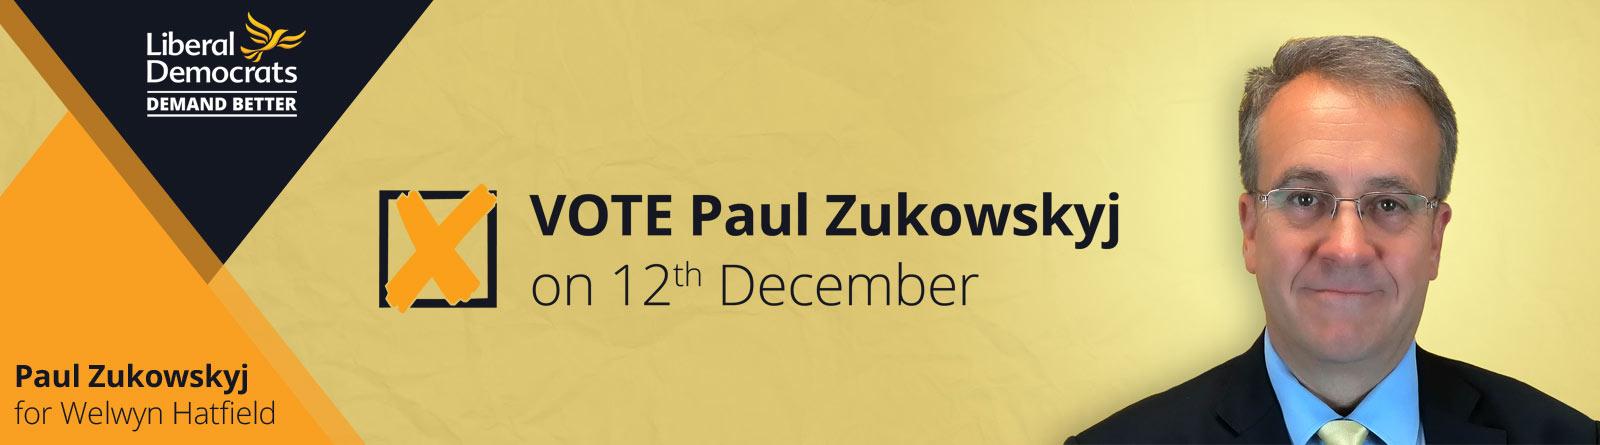 Vote Paulo Zukowskyj on 12th December